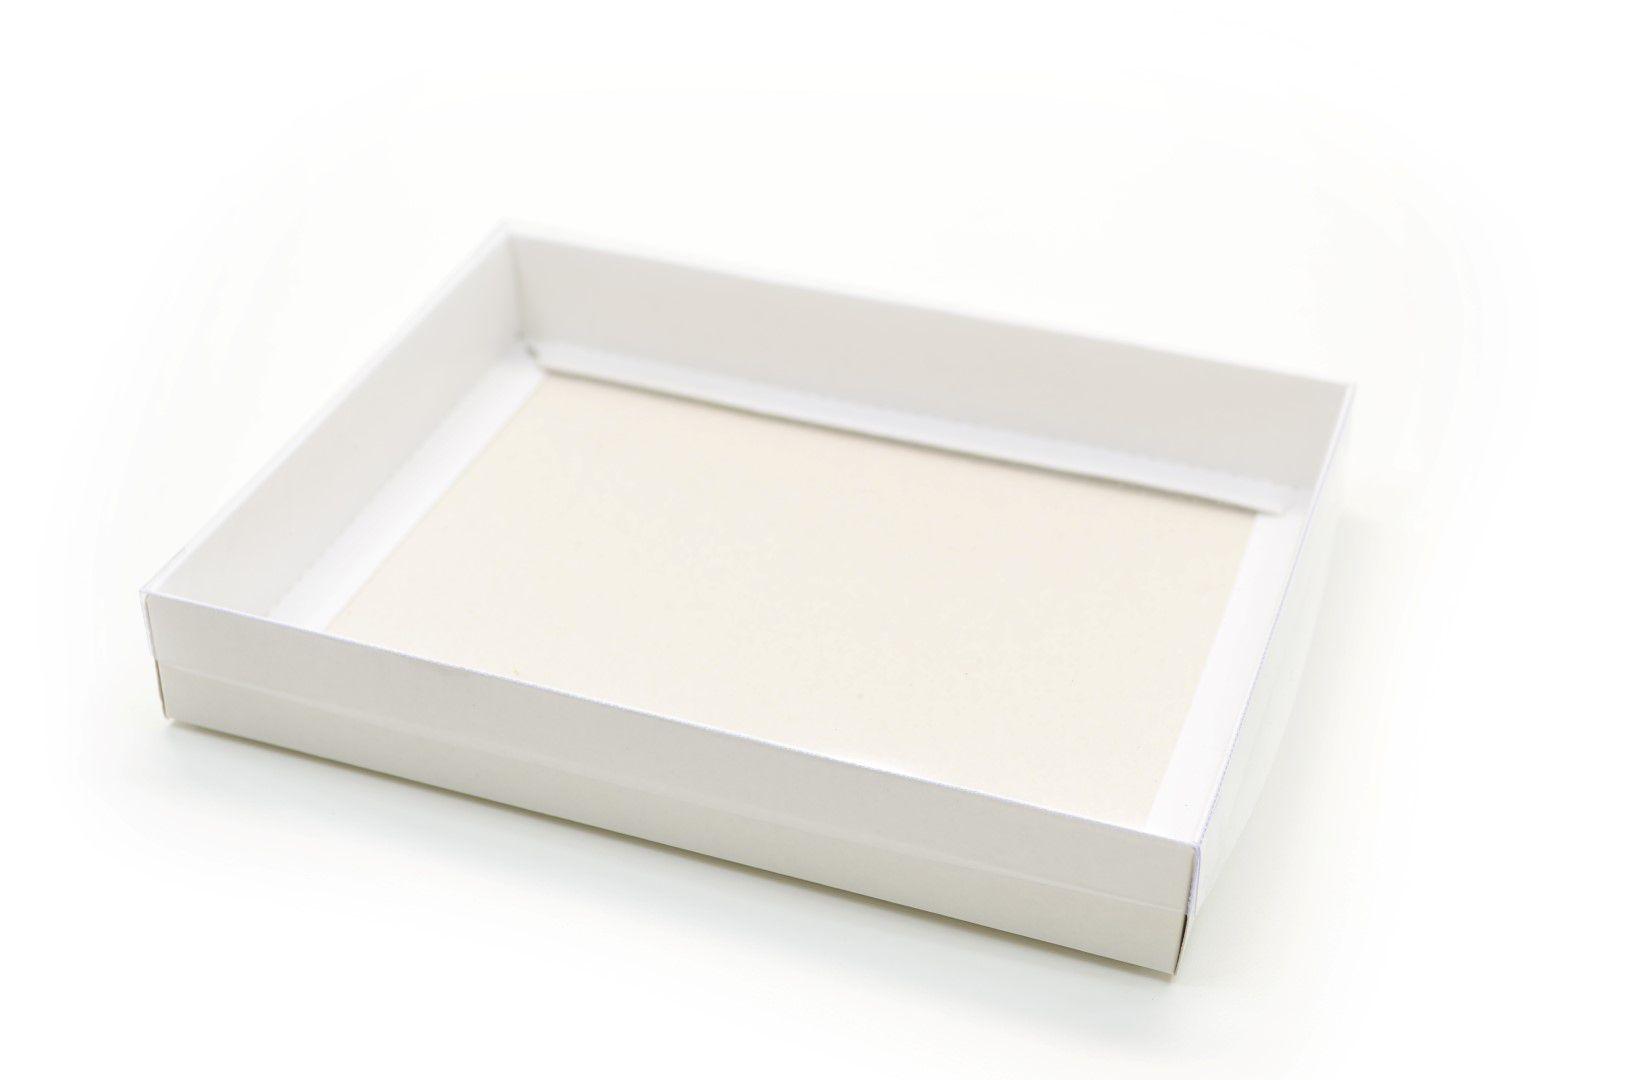 Ref 036 Branca - Caixa c/ tampa transparente - 20x16x3 cm - c/ 10 unidades